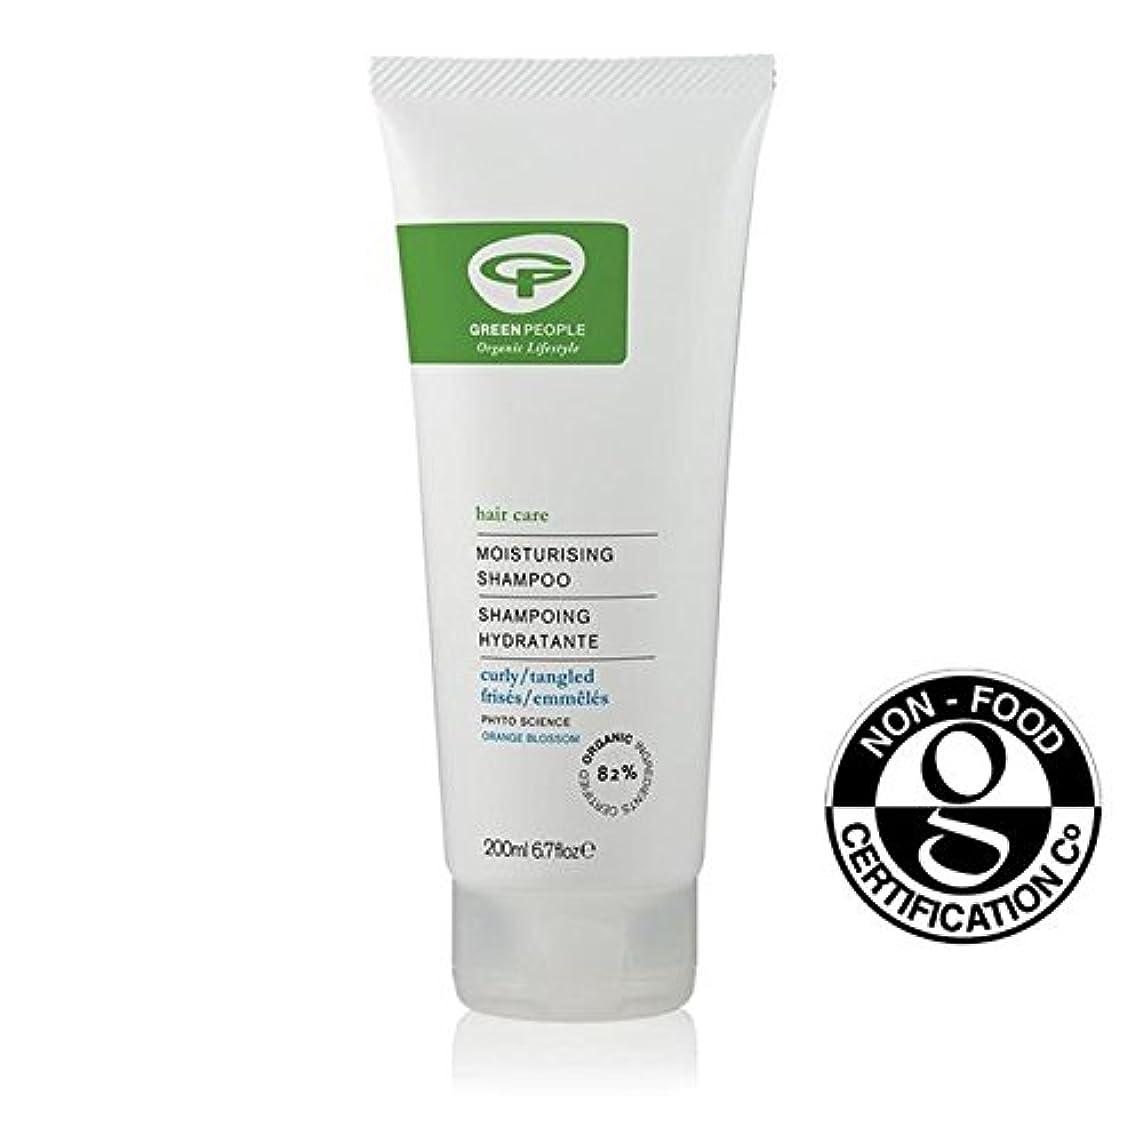 専門用語息子好奇心緑の人々の有機保湿シャンプー200ミリリットル x2 - Green People Organic Moisturising Shampoo 200ml (Pack of 2) [並行輸入品]